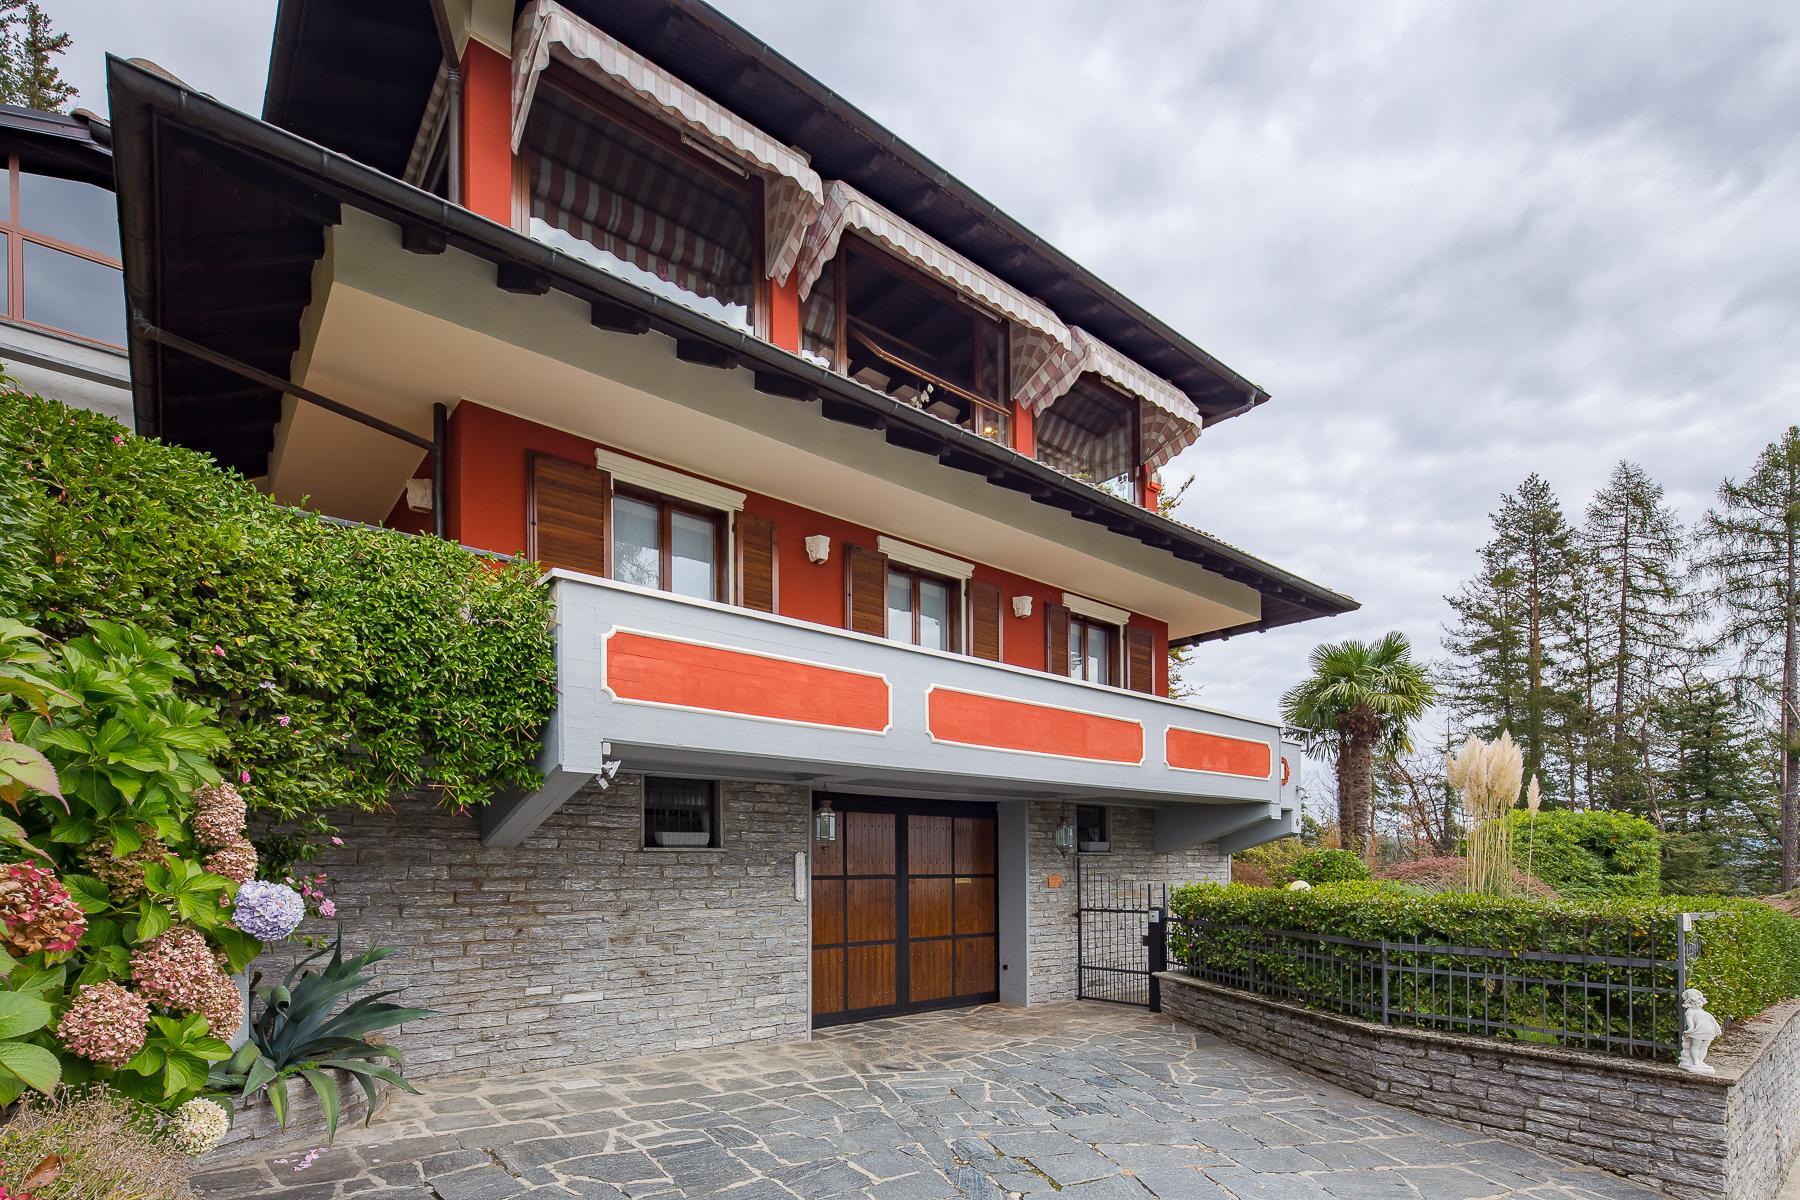 Villa unifamiliare nella zona collinare di Verbania con vista magnifica sul lago - 11